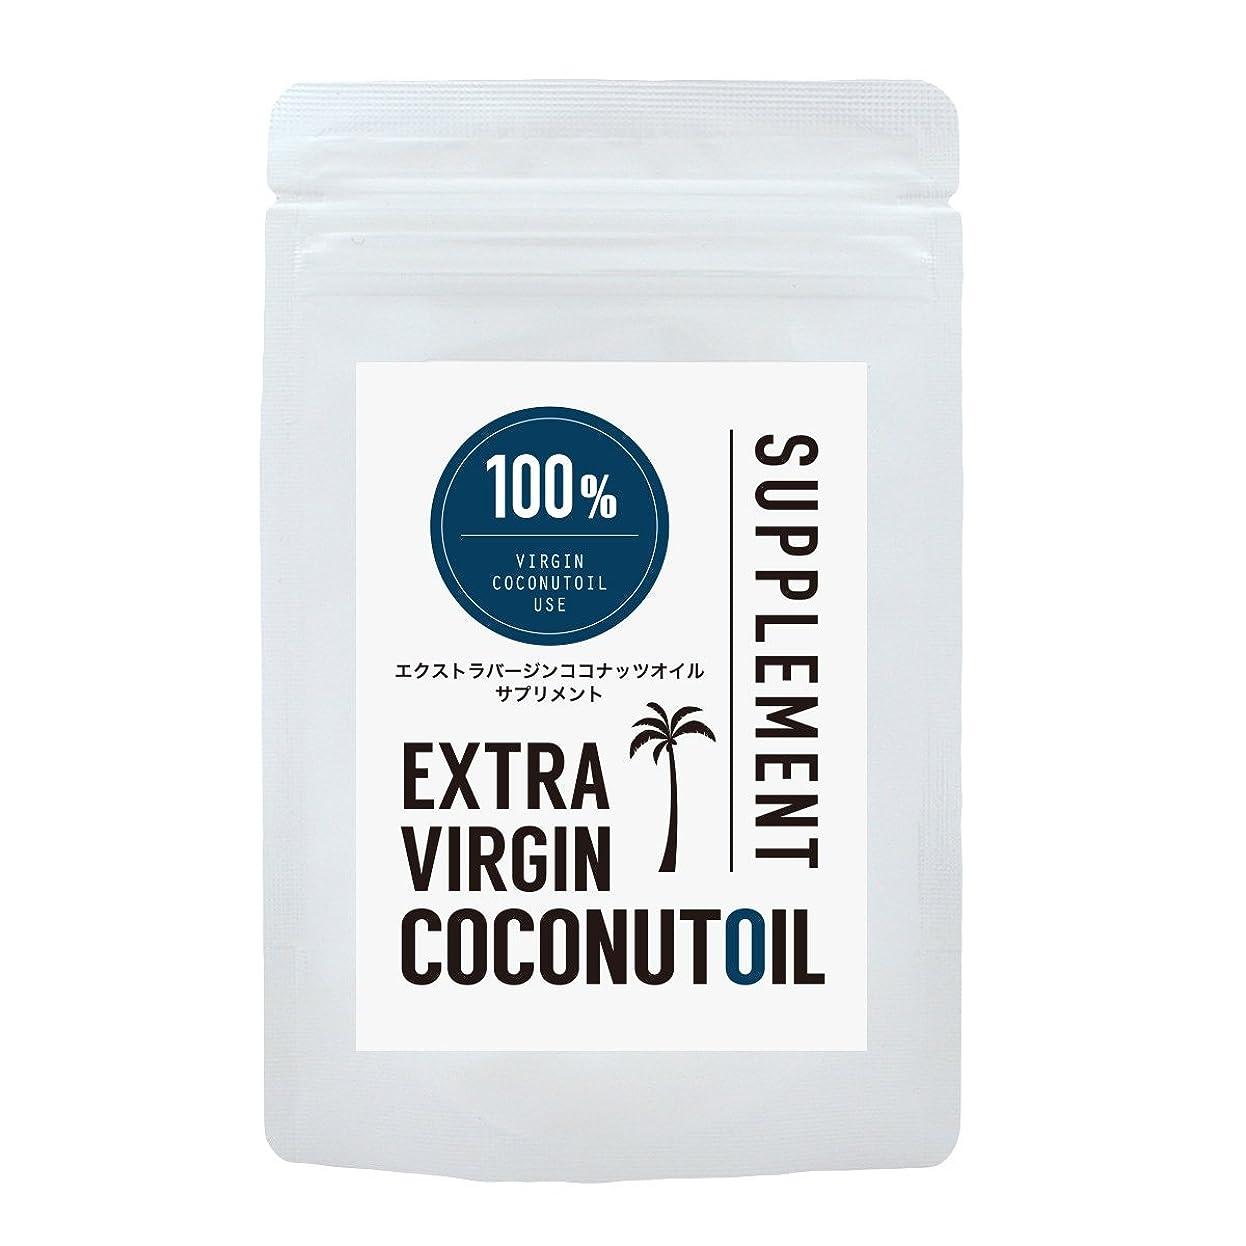 死すべきバース大学エクストラヴァージン ココナッツオイル サプリメント 90粒入り 無臭 カプセルタイプ